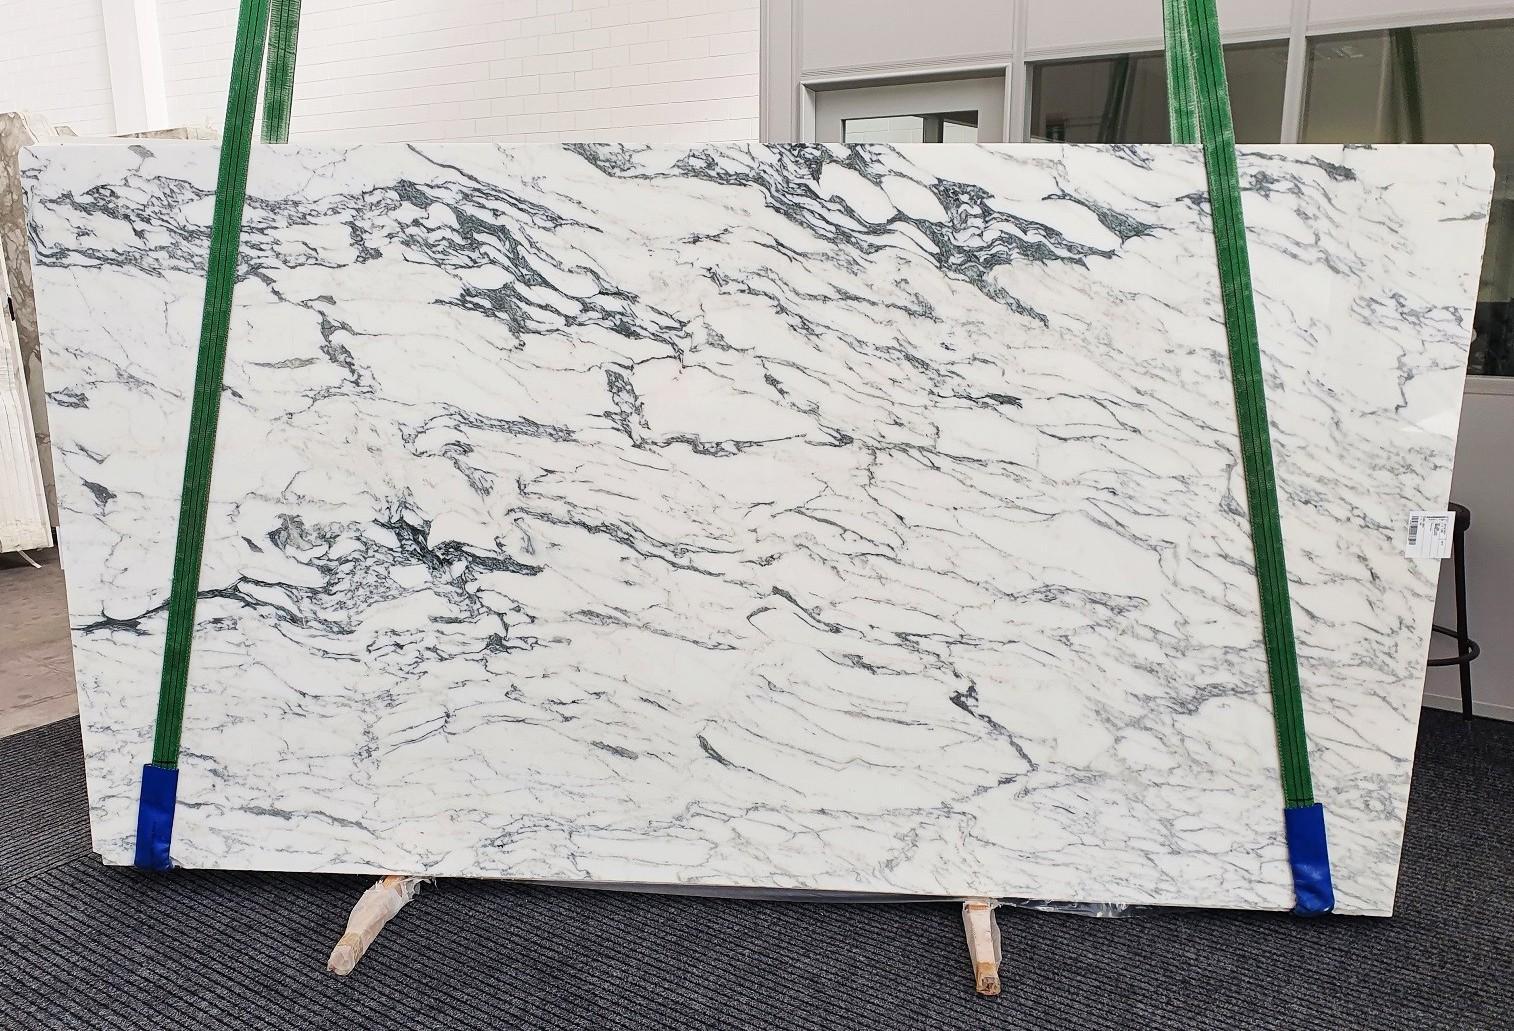 ARABESCATO FAINELLO Suministro Veneto (Italia) de planchas pulidas en mármol natural 1356 , Slab #16